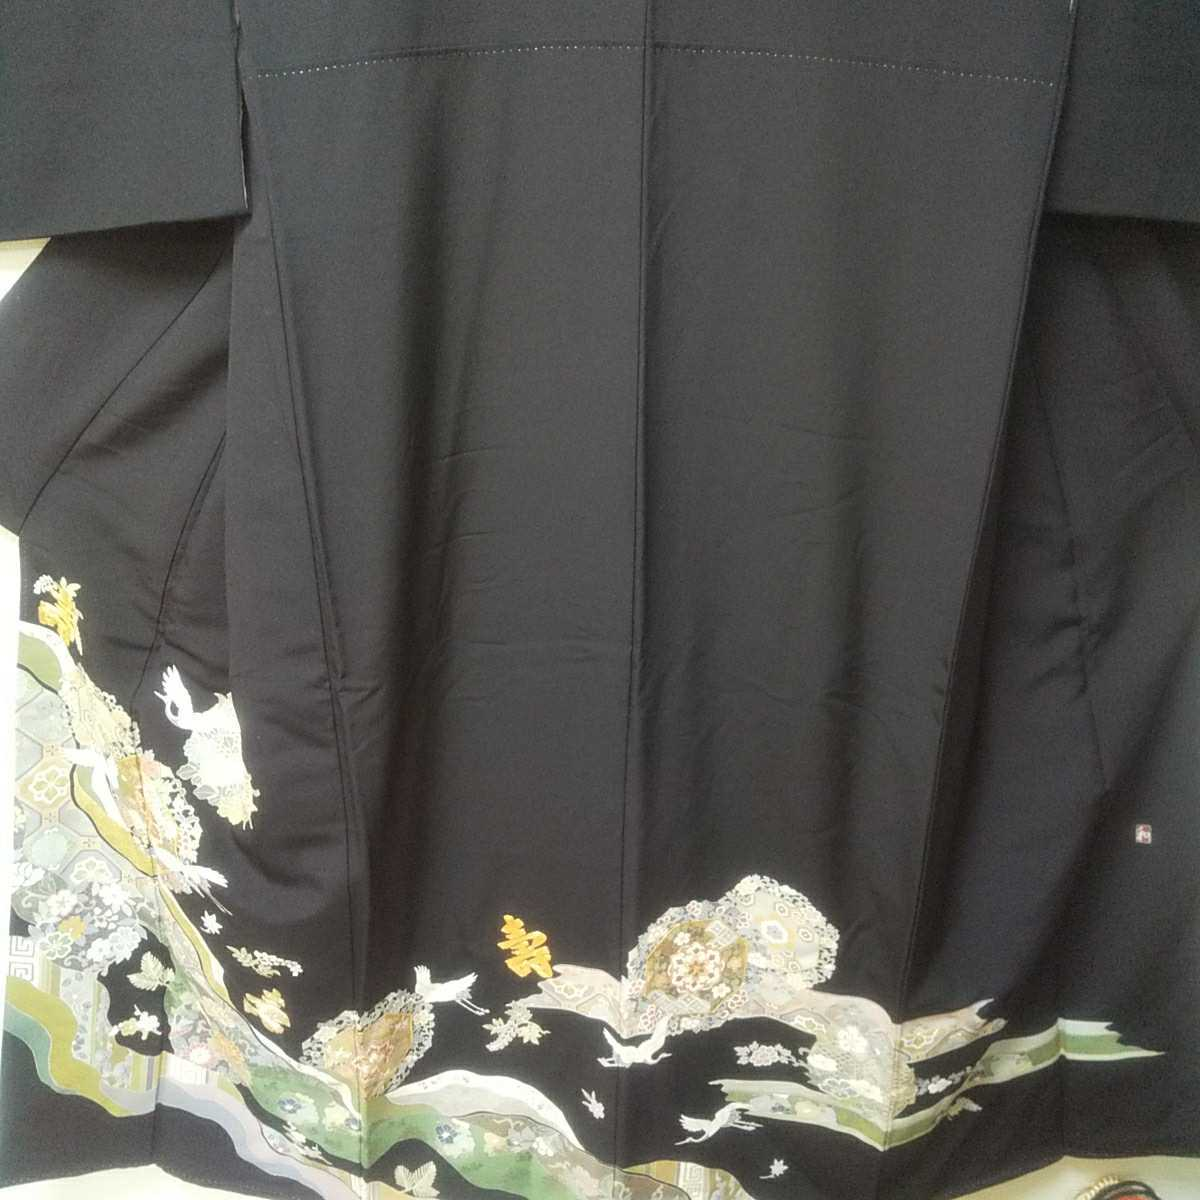 黒留袖 江戸褄 金駒刺繍 手描き 作家物_画像2